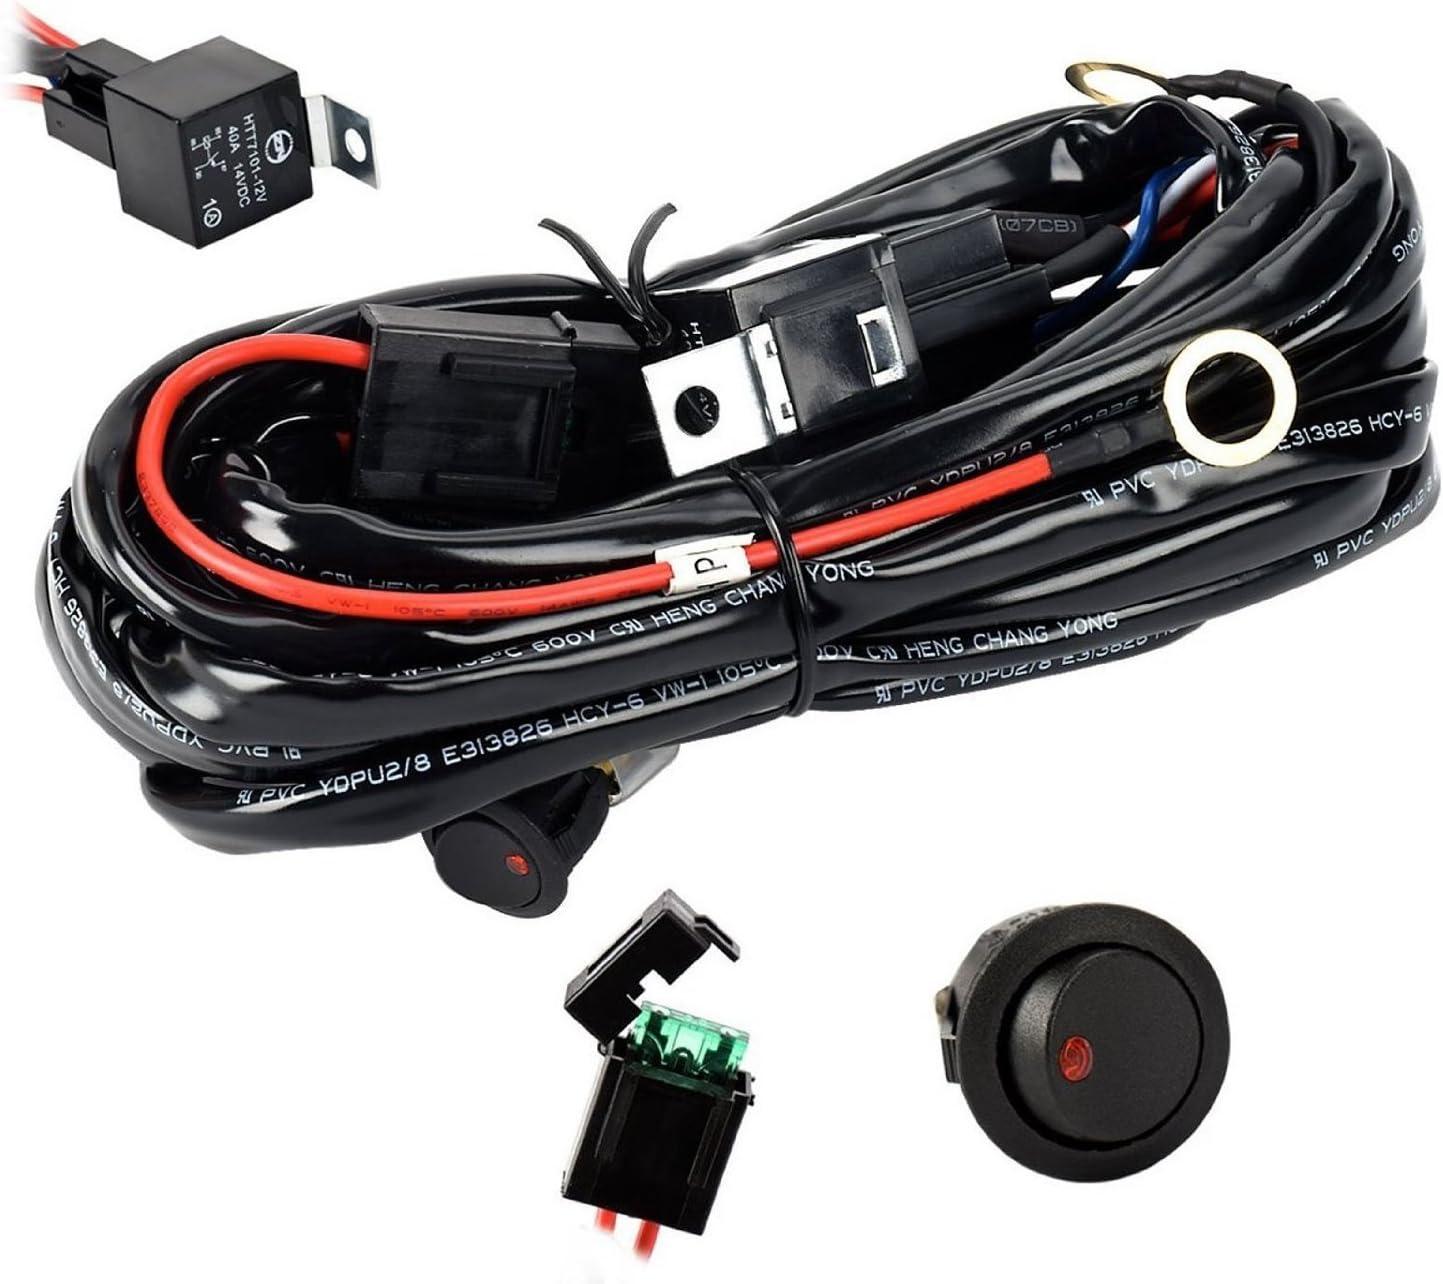 Eyourlife Kabelbaum Kabelsatz Relais Adapter Für 300w Kfz Scheinwerfer Arbeitsscheinwerfer Tagfahrleuchten Lichtleisten 12v 40a Auto